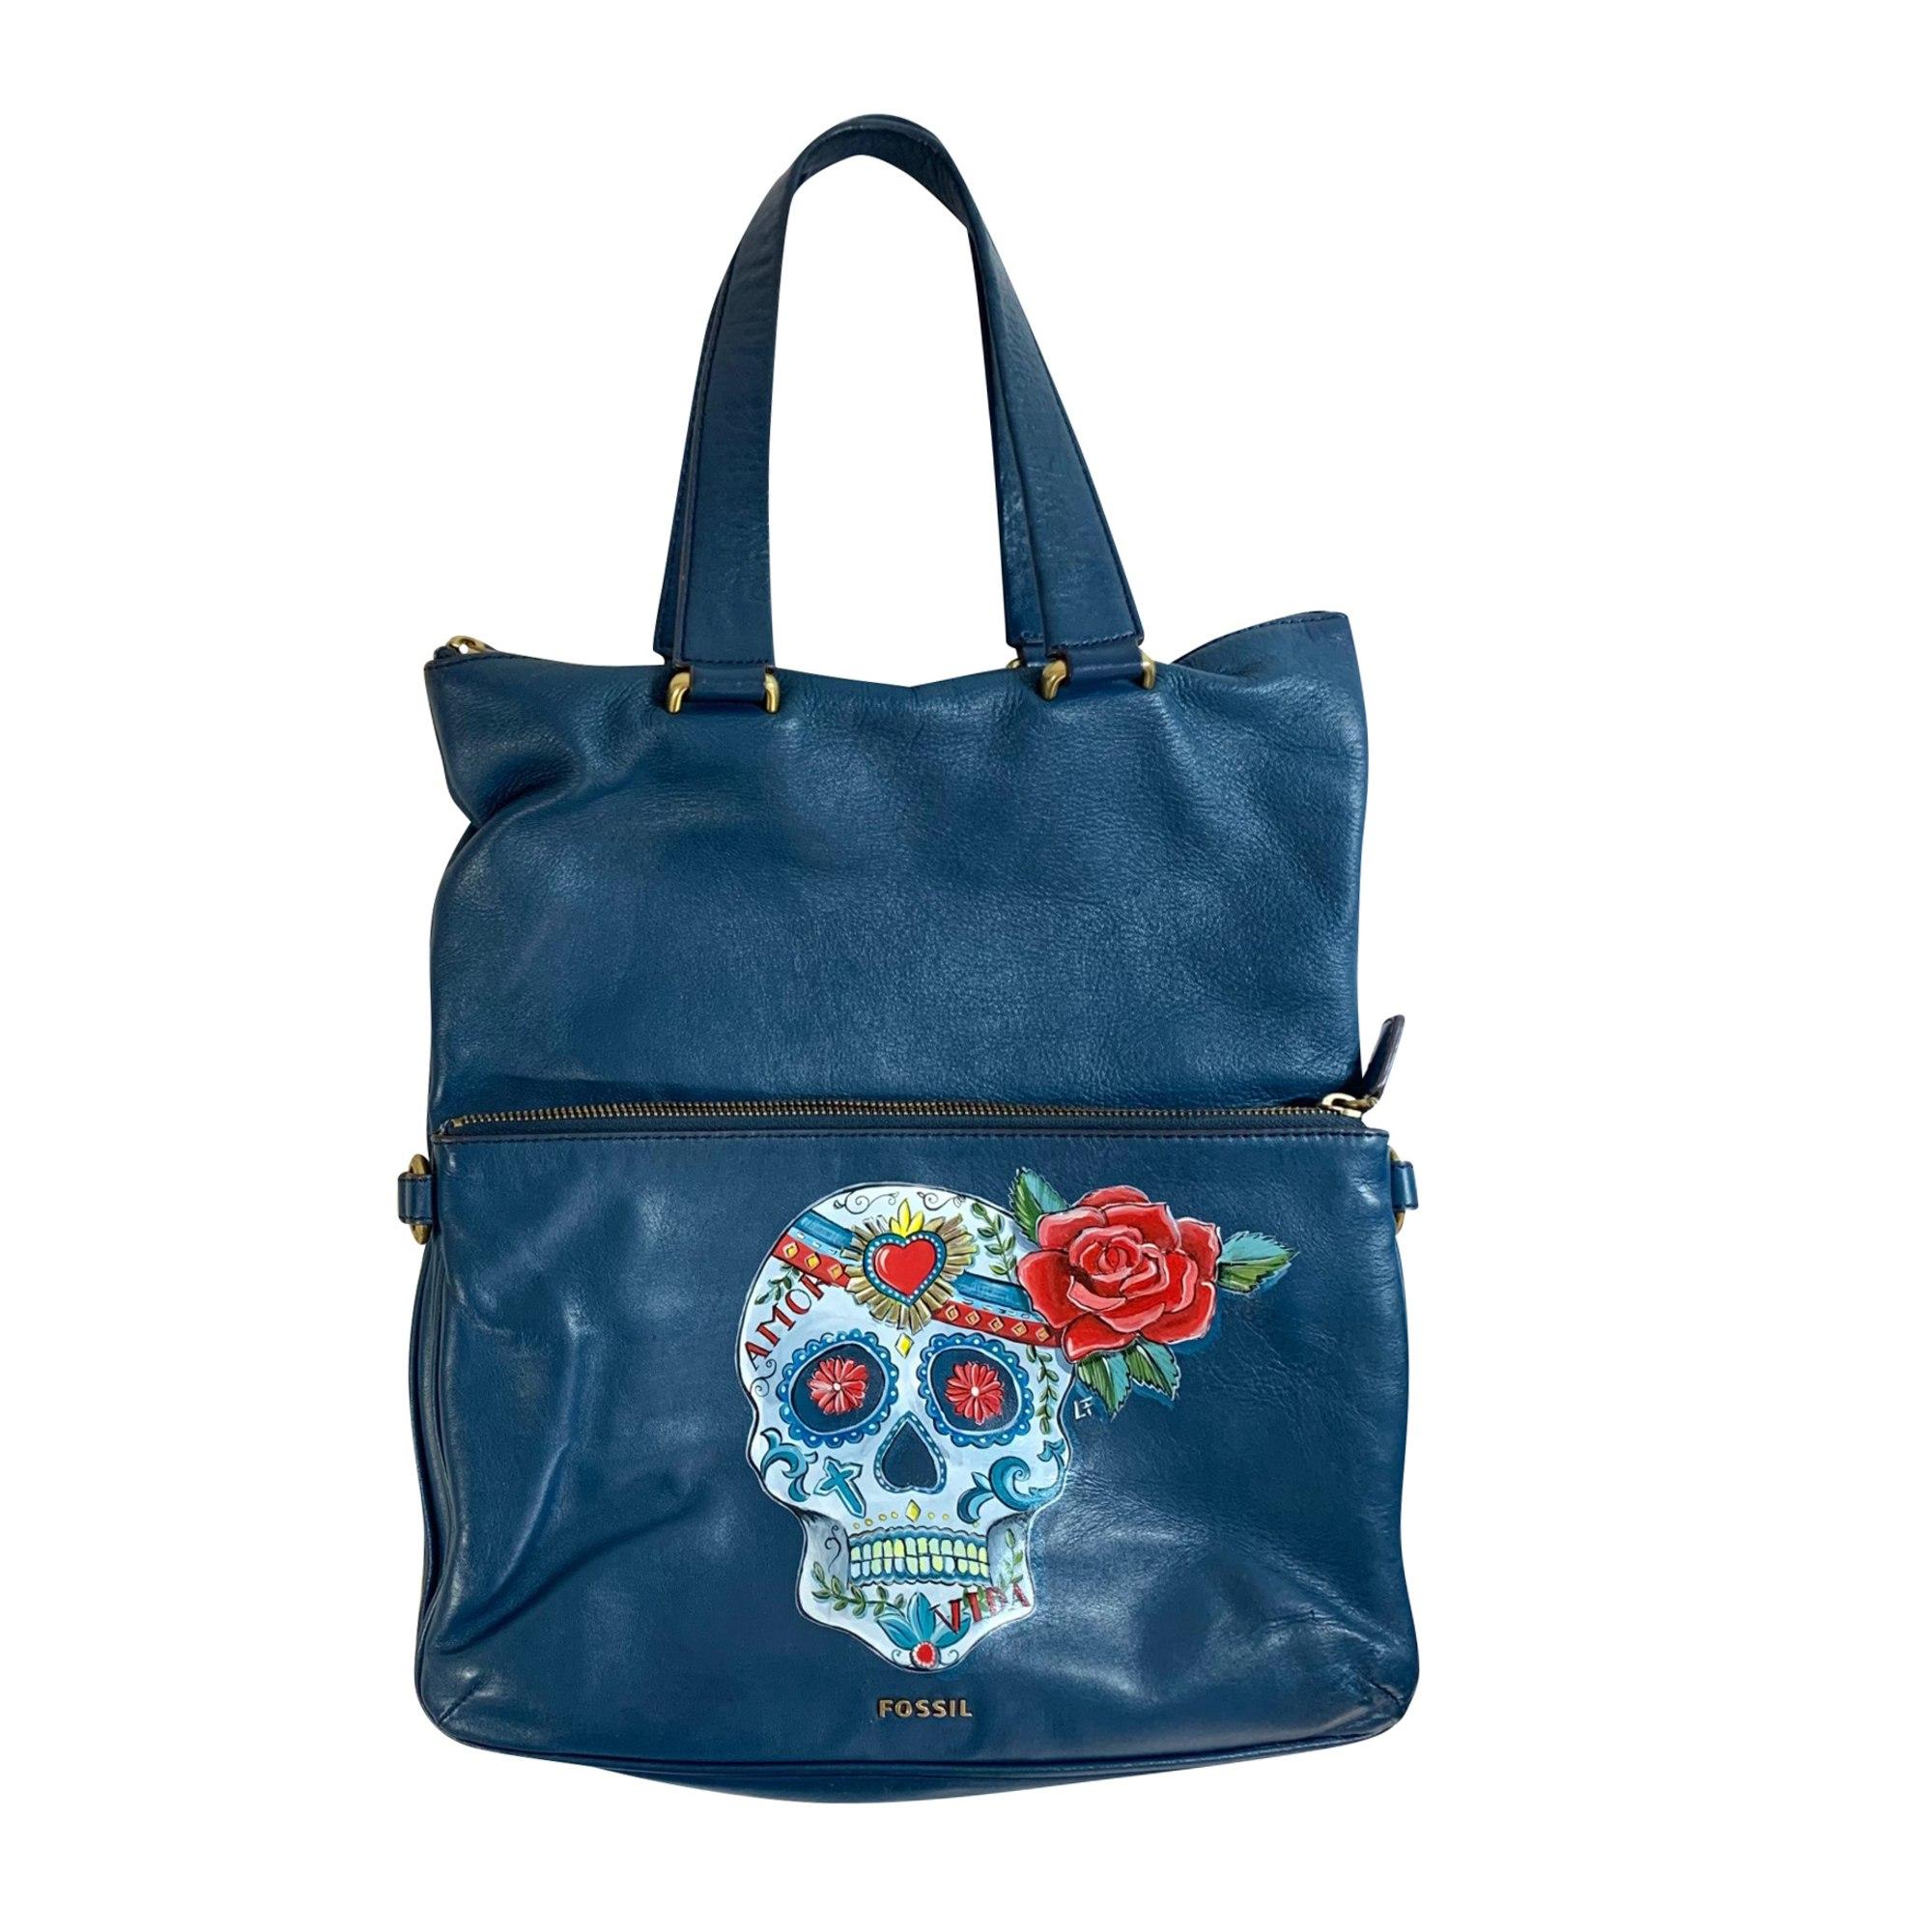 Lederhandtasche FOSSIL Blau, marineblau, türkisblau